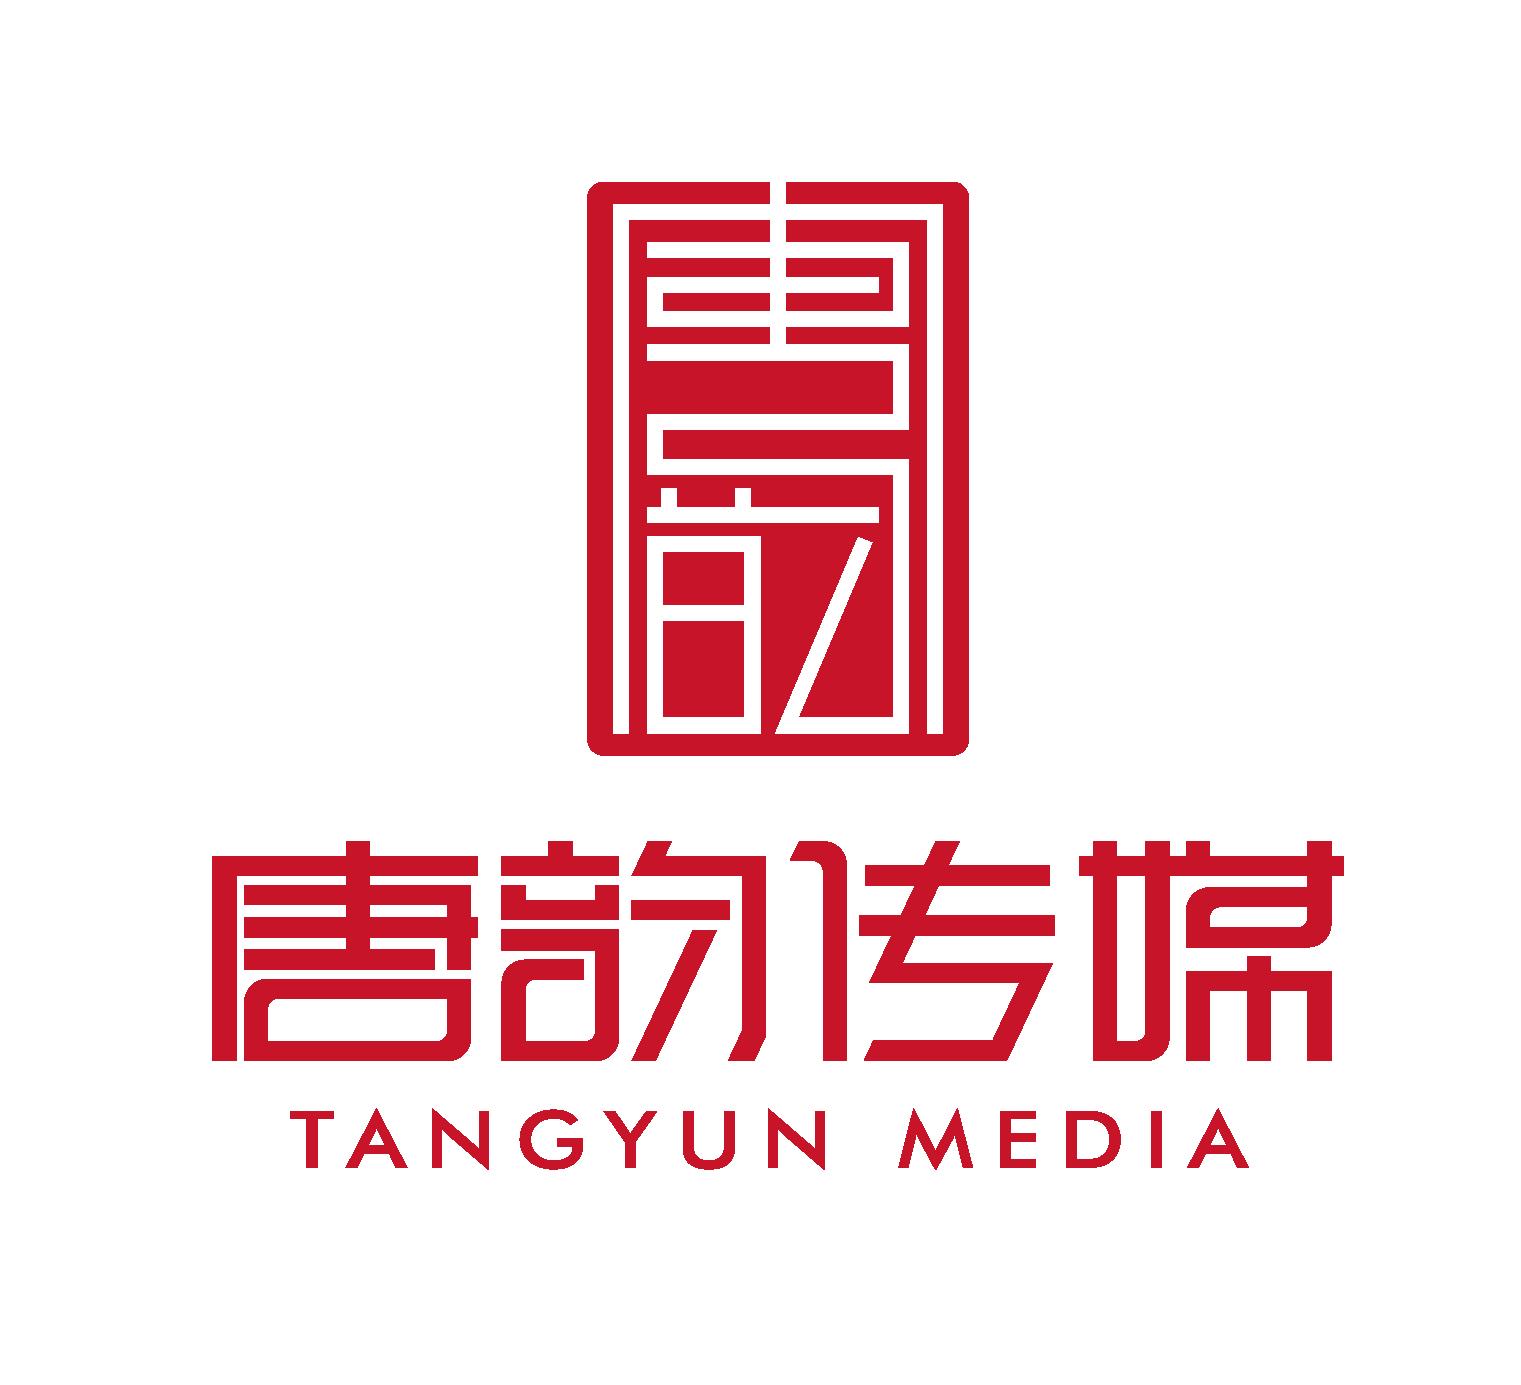 吉林省唐韵文化传媒有限公司